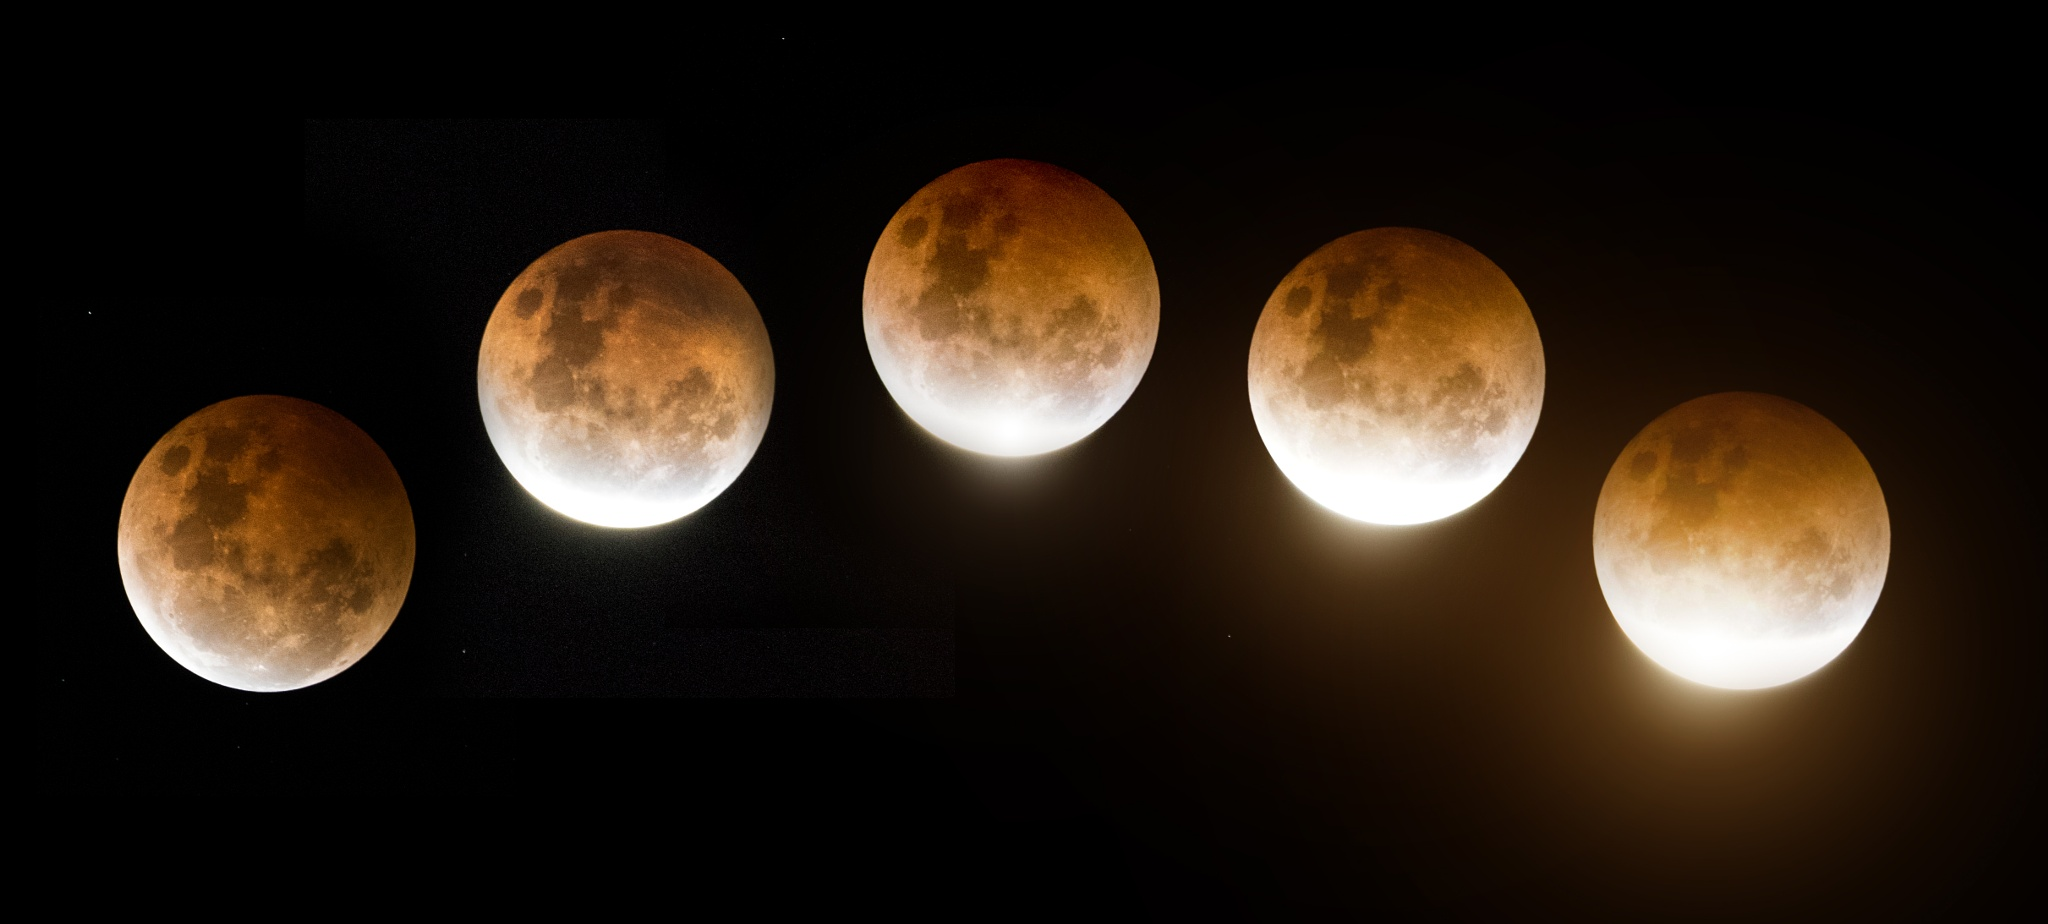 Red moon (Lunar Eclipse) by Gerald Grech